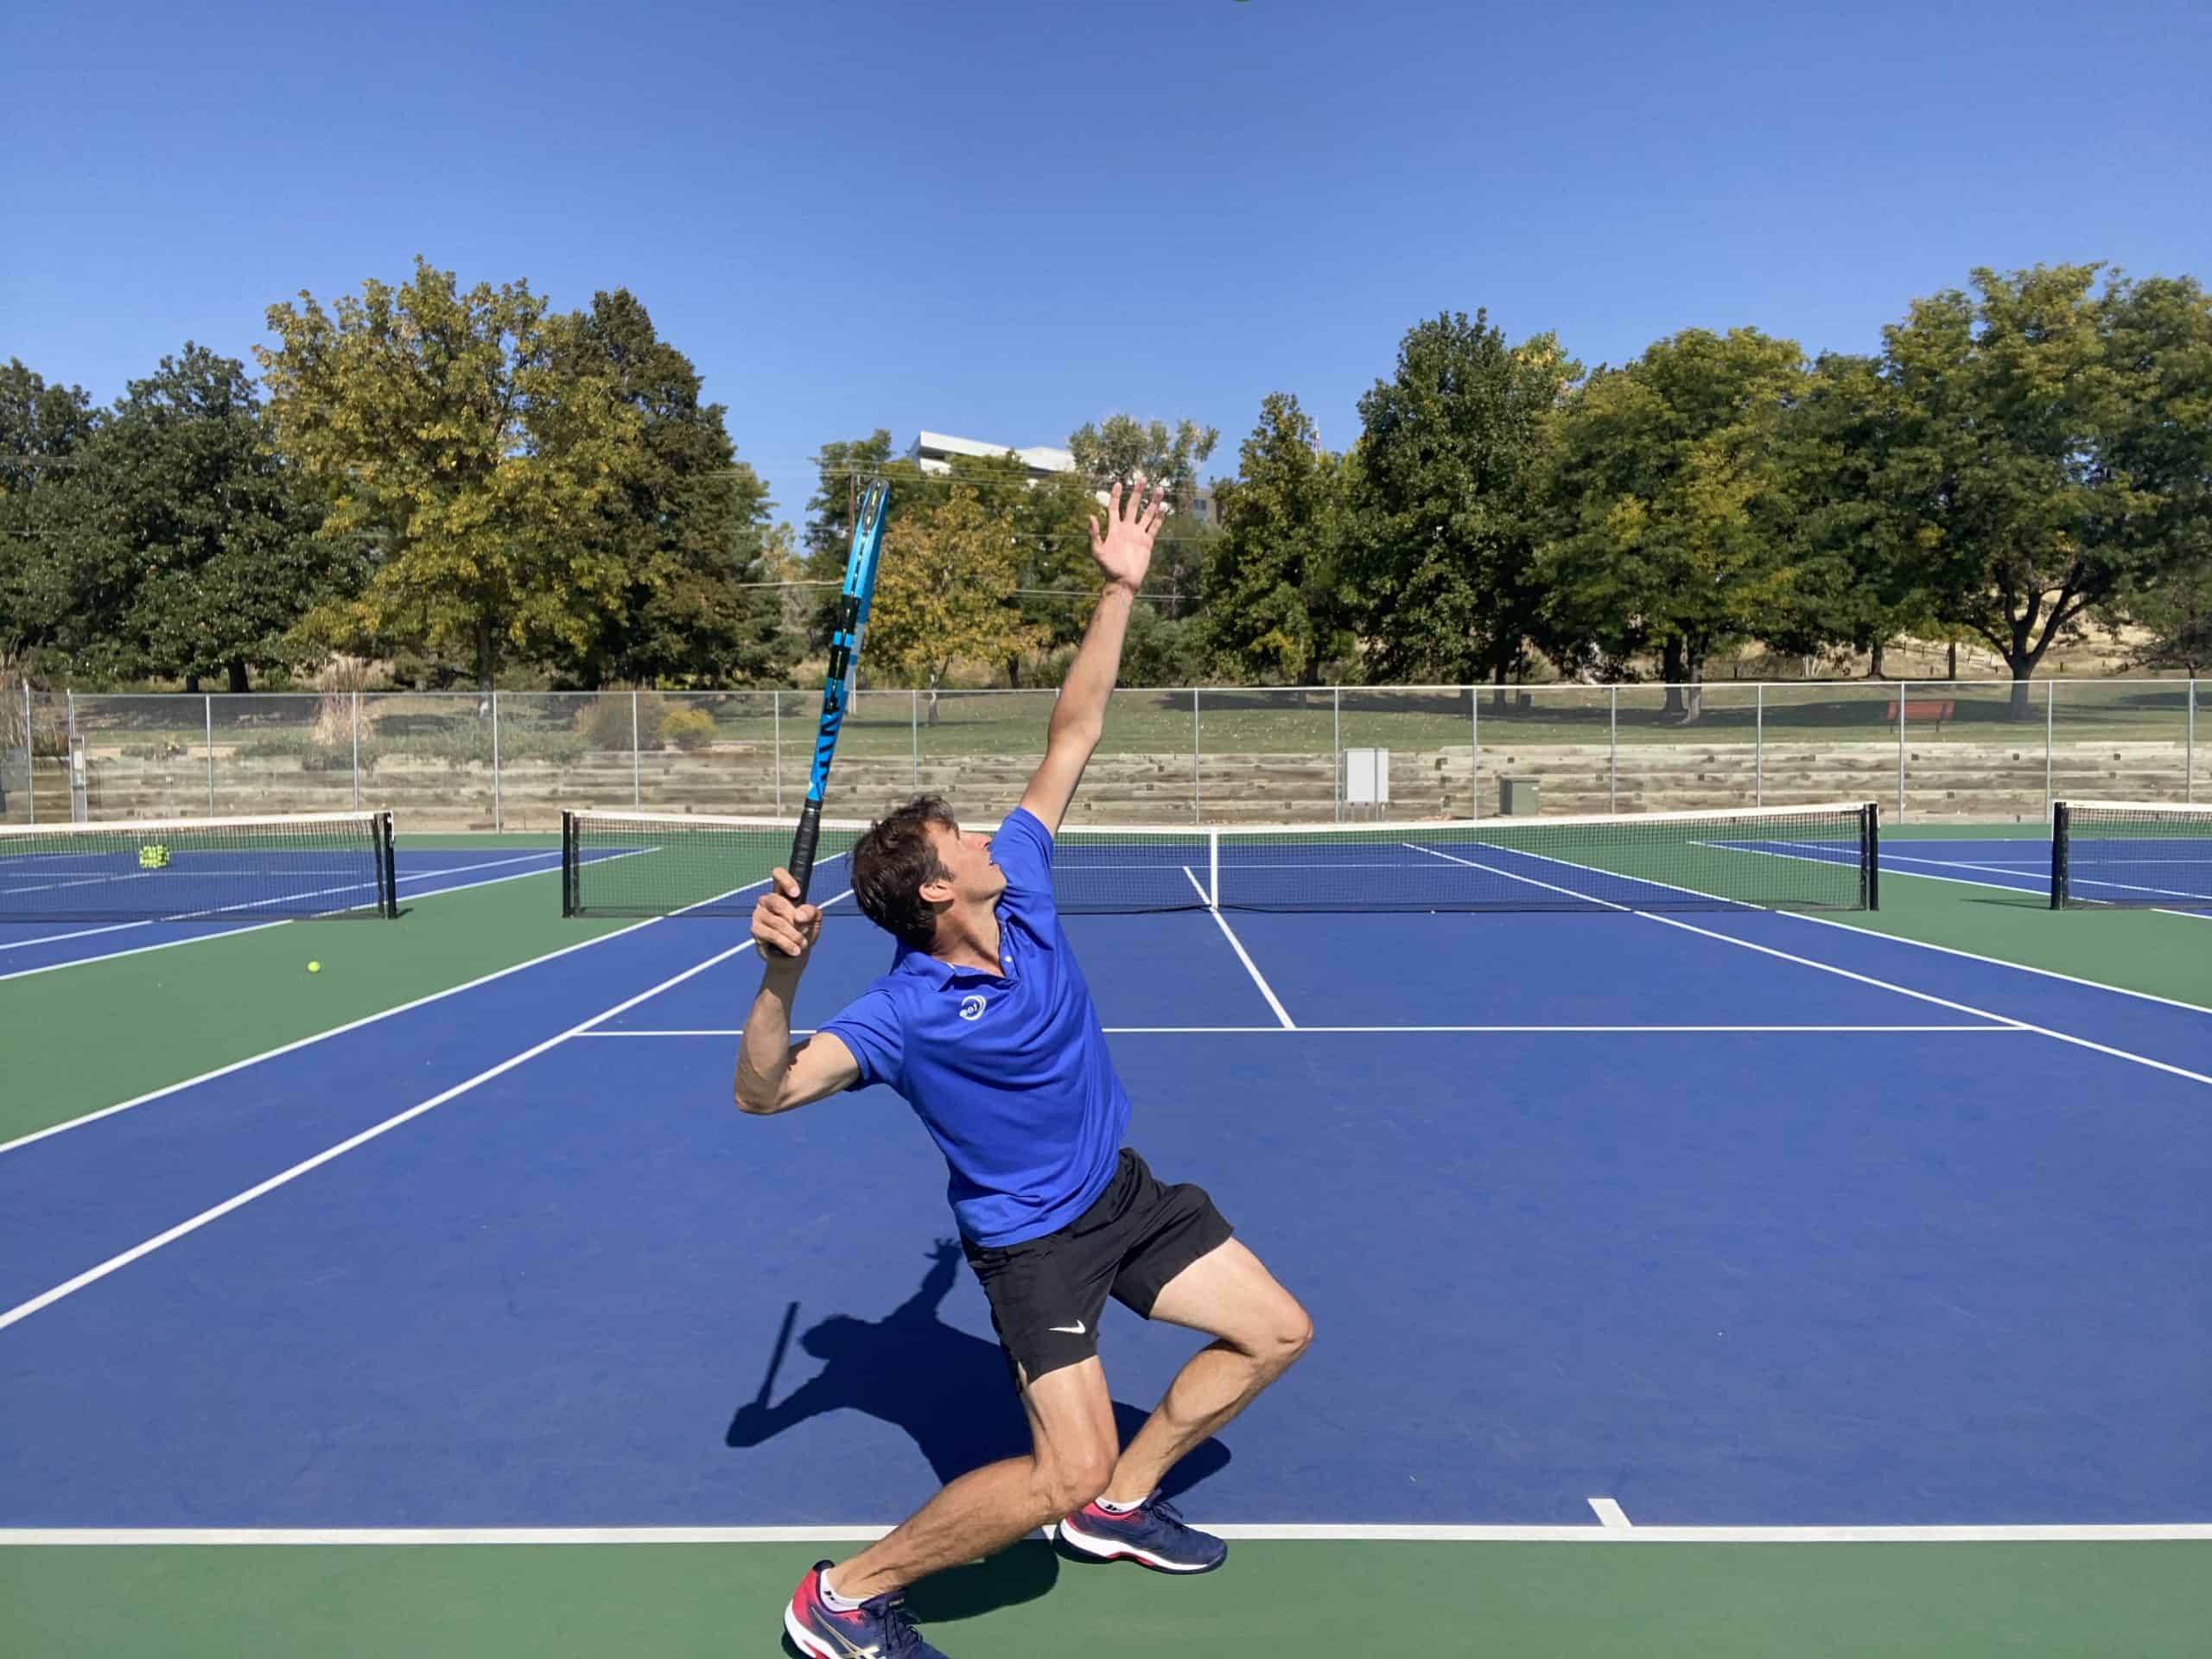 Tennis serve trophy position